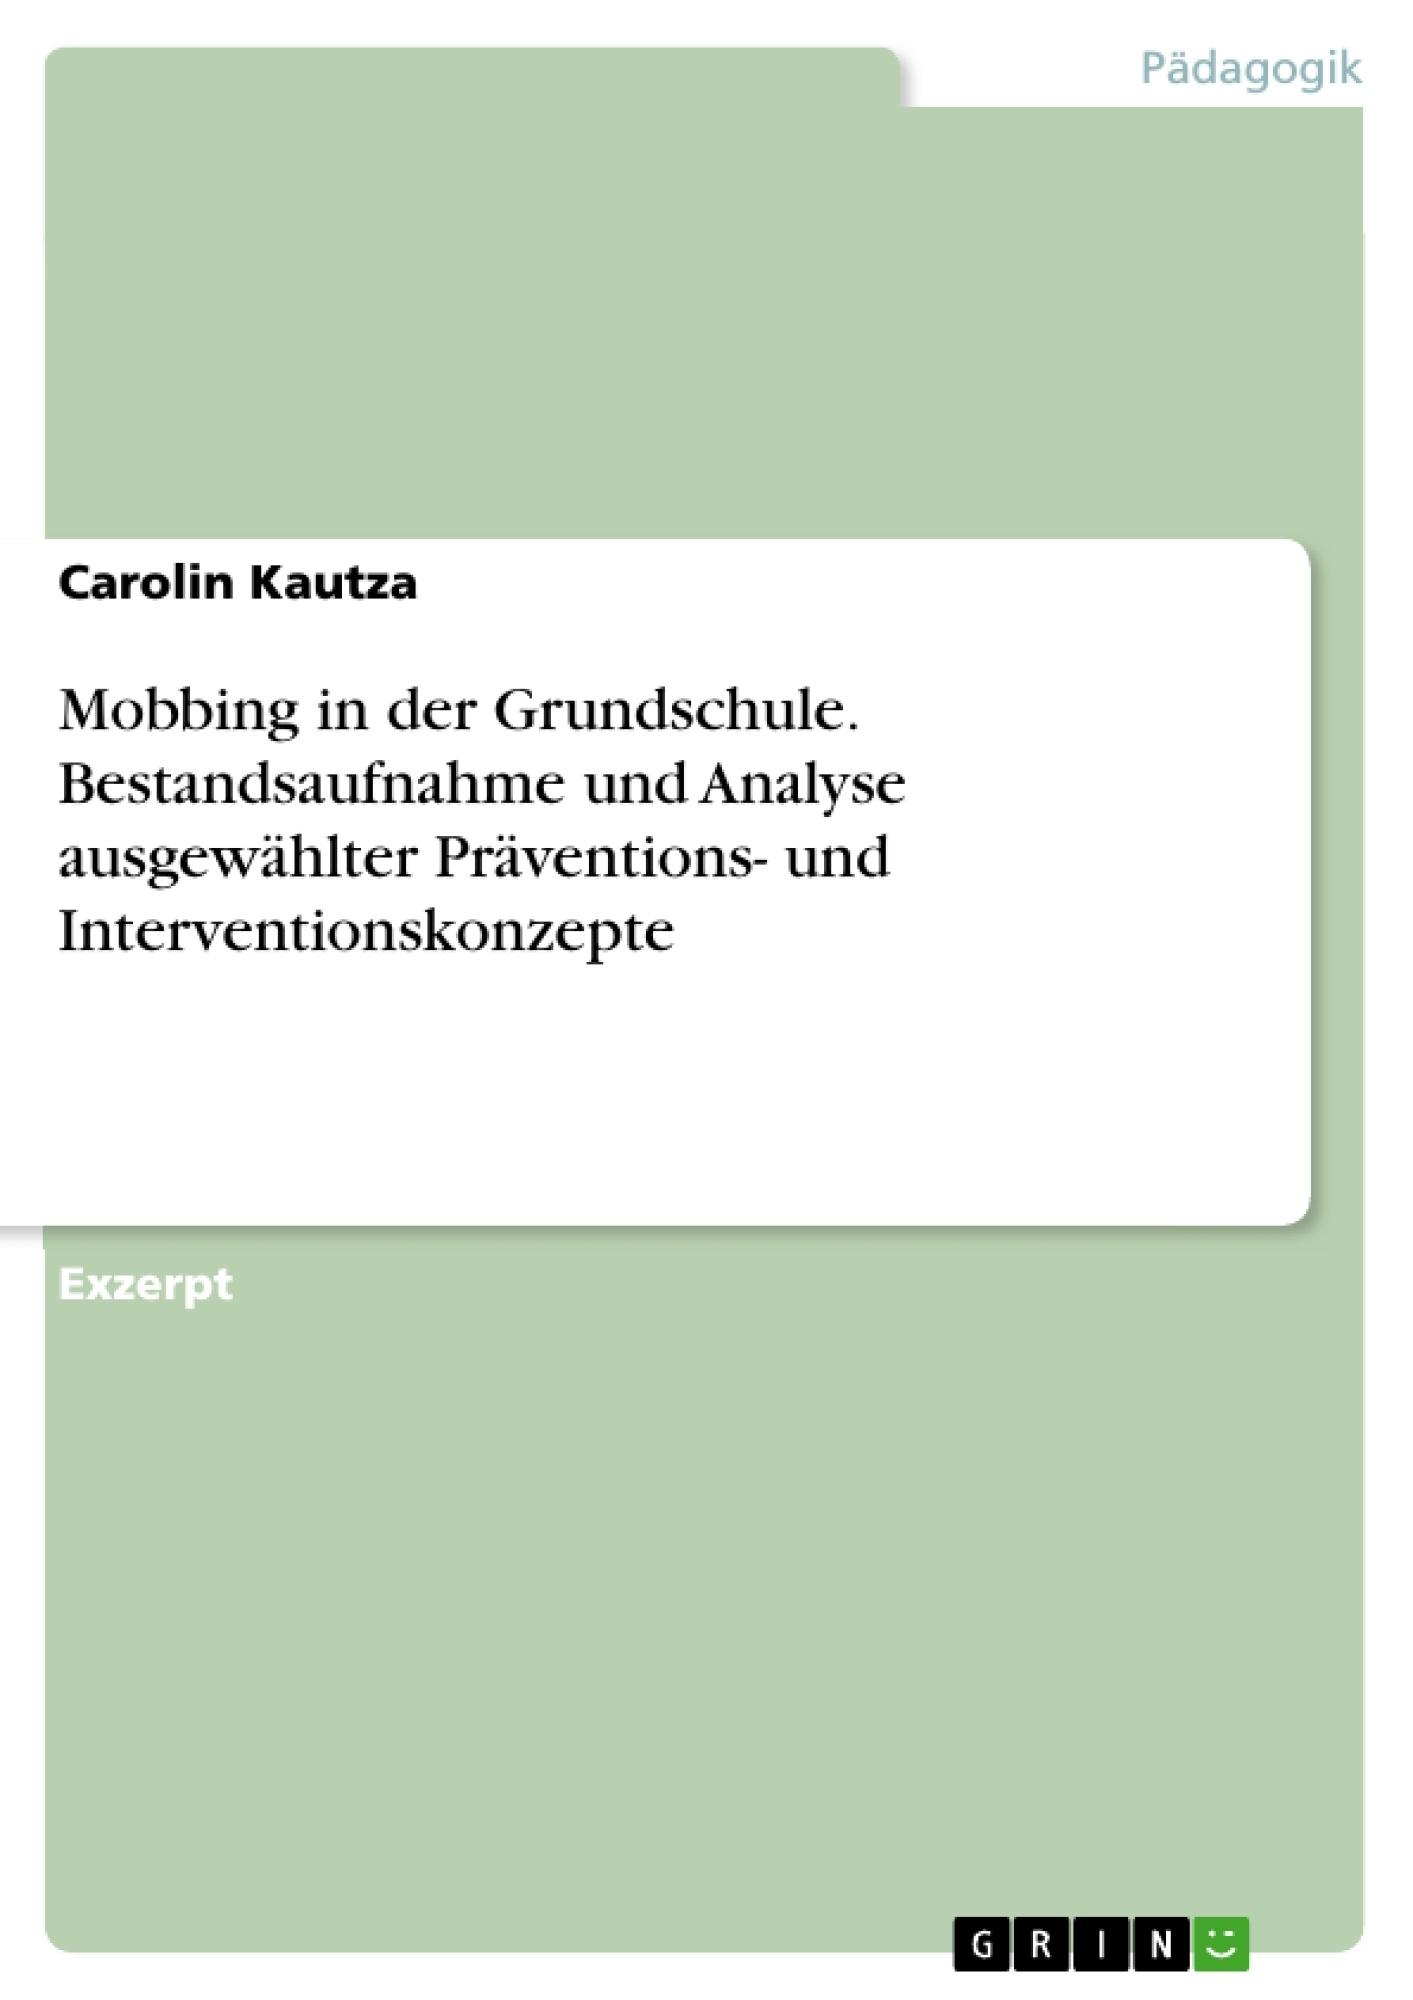 Titel: Mobbing in der Grundschule. Bestandsaufnahme und Analyse ausgewählter Präventions- und Interventionskonzepte